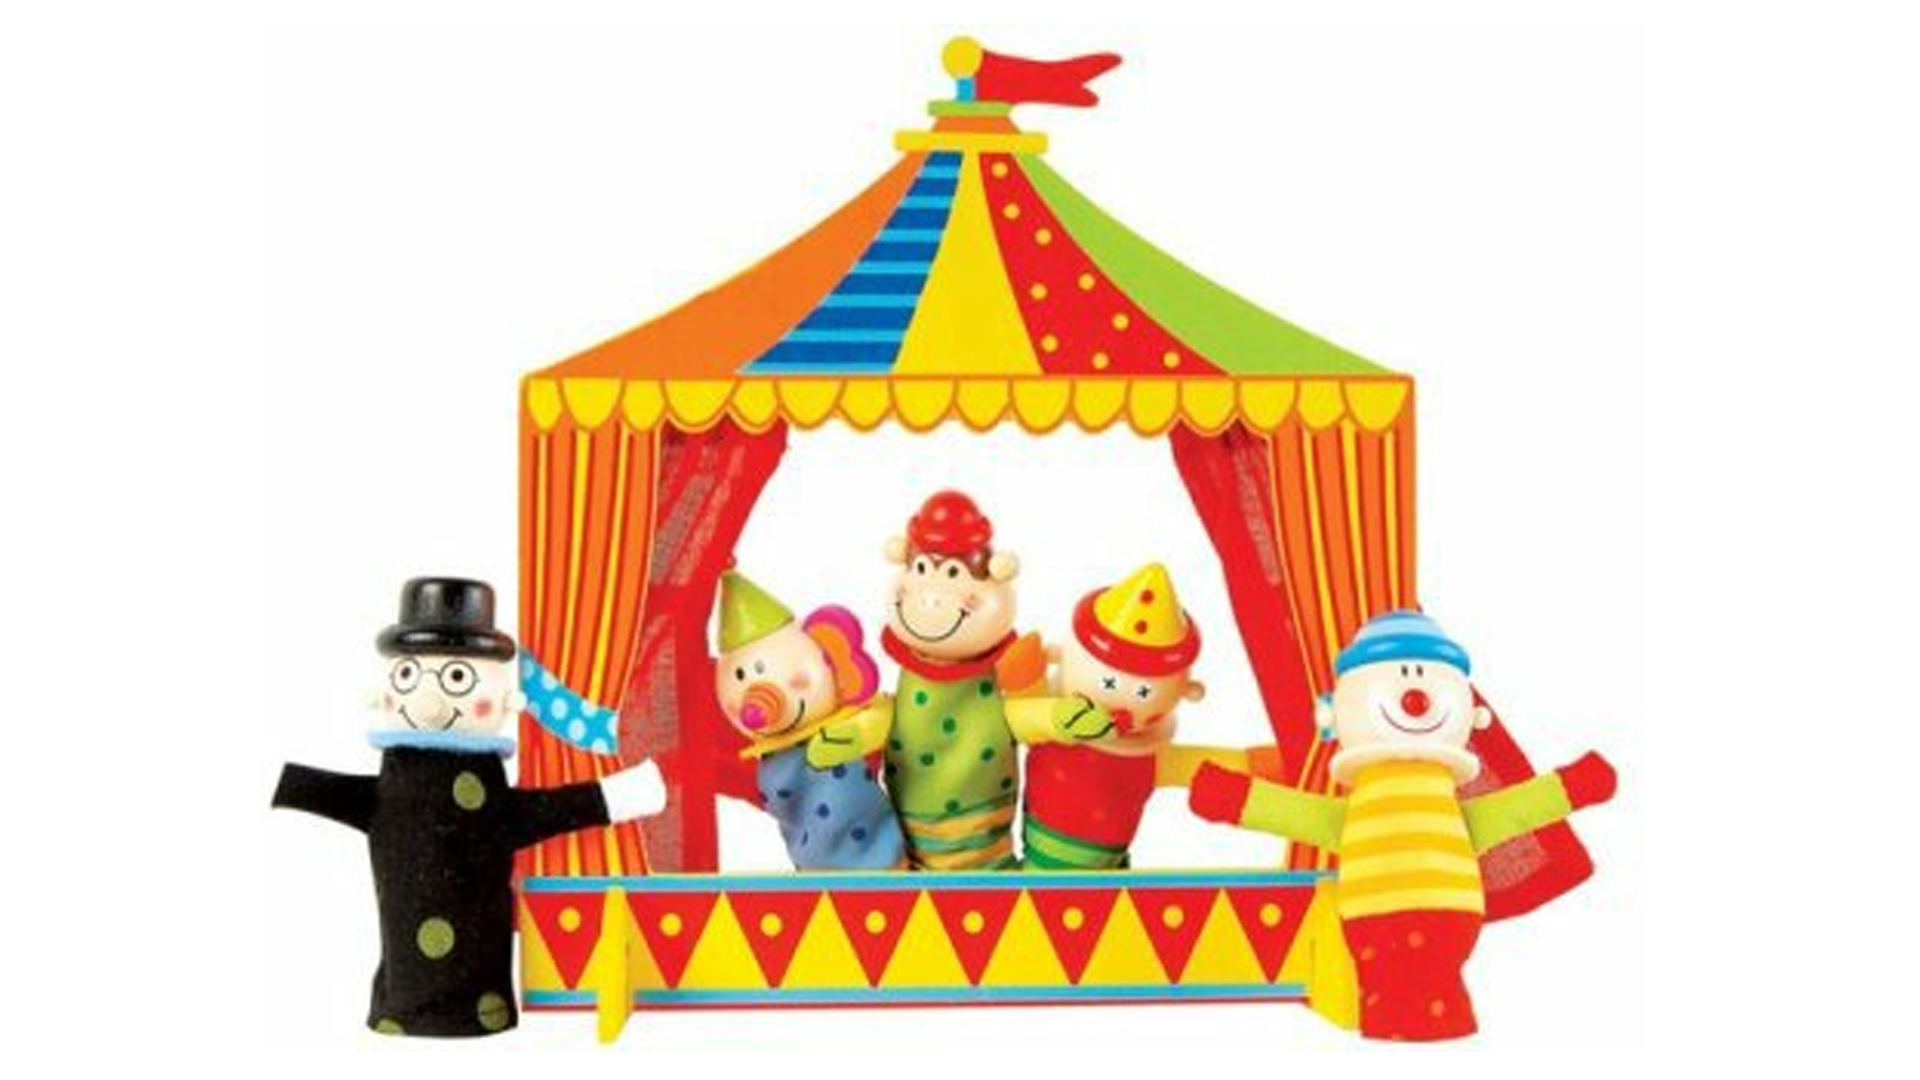 Кукольный театр картинки для презентации, делать